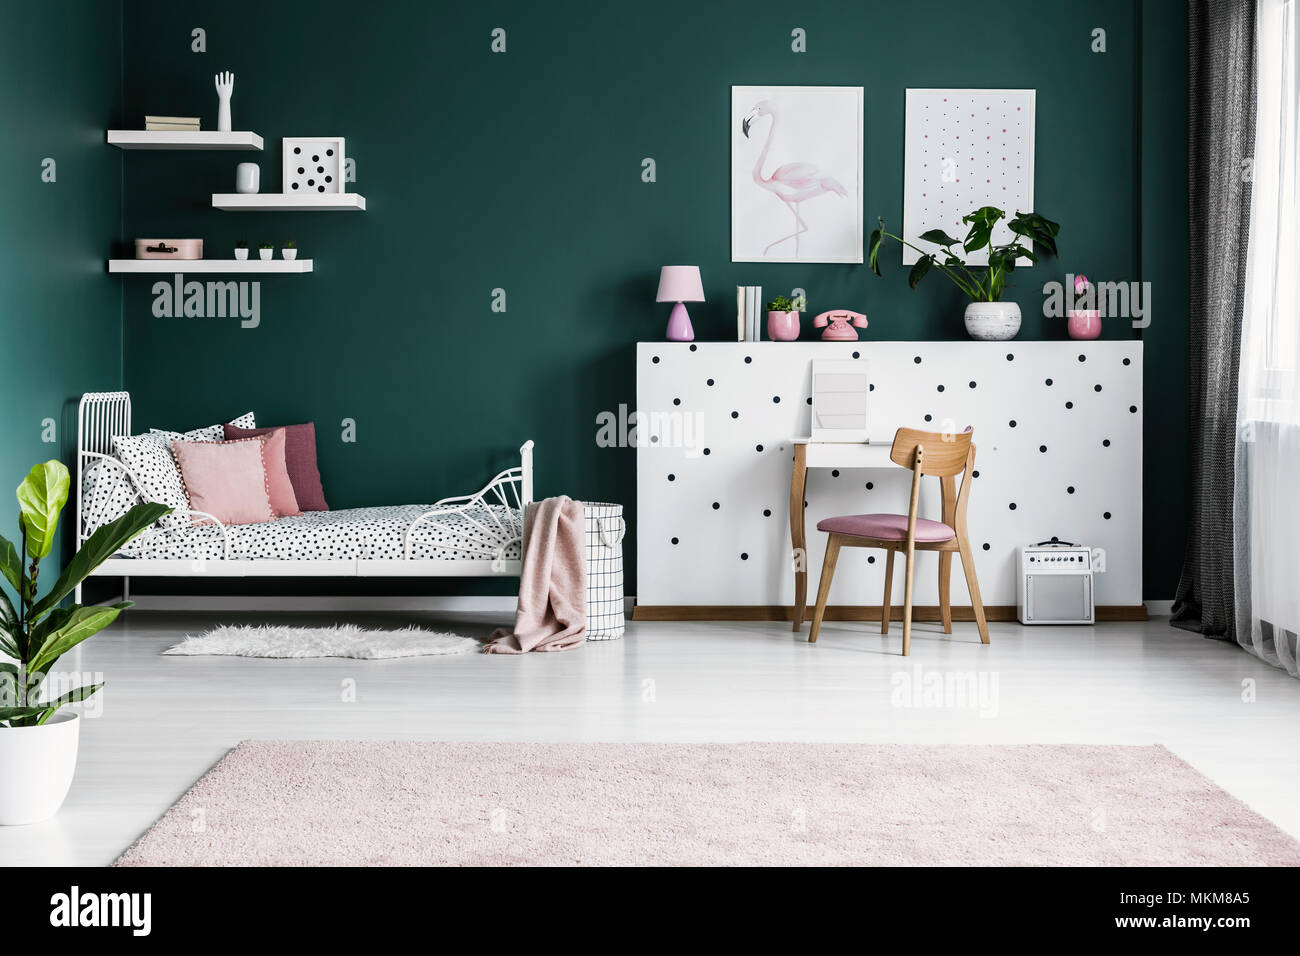 Poster sulla parete verde in ragazza interiore camera da letto con ...